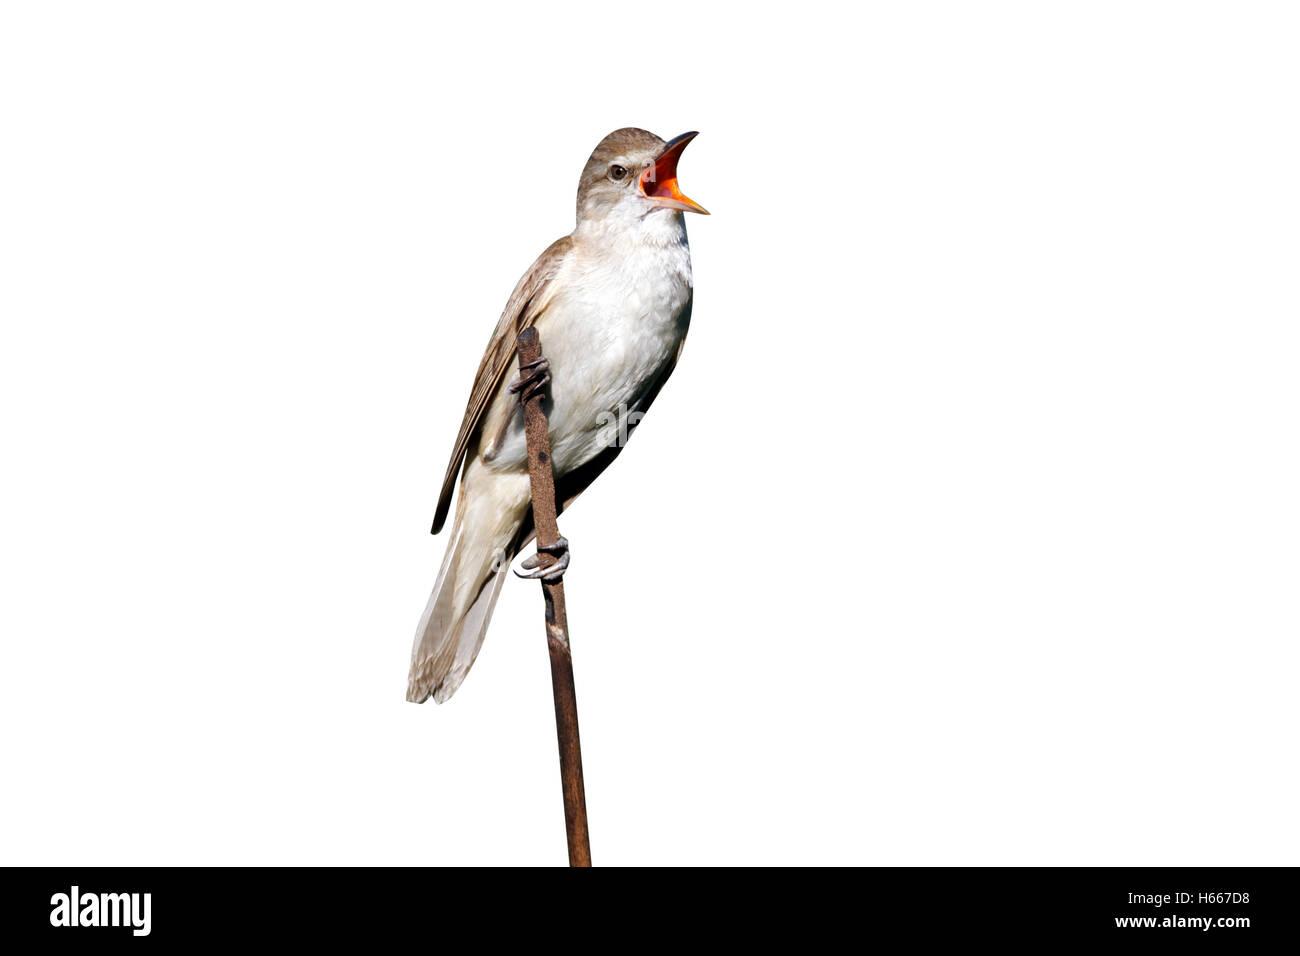 Great-reed warbler, Acrocephalus arundinaceus, single bird on reed singing, Bulgaria, June 2012 Stock Photo